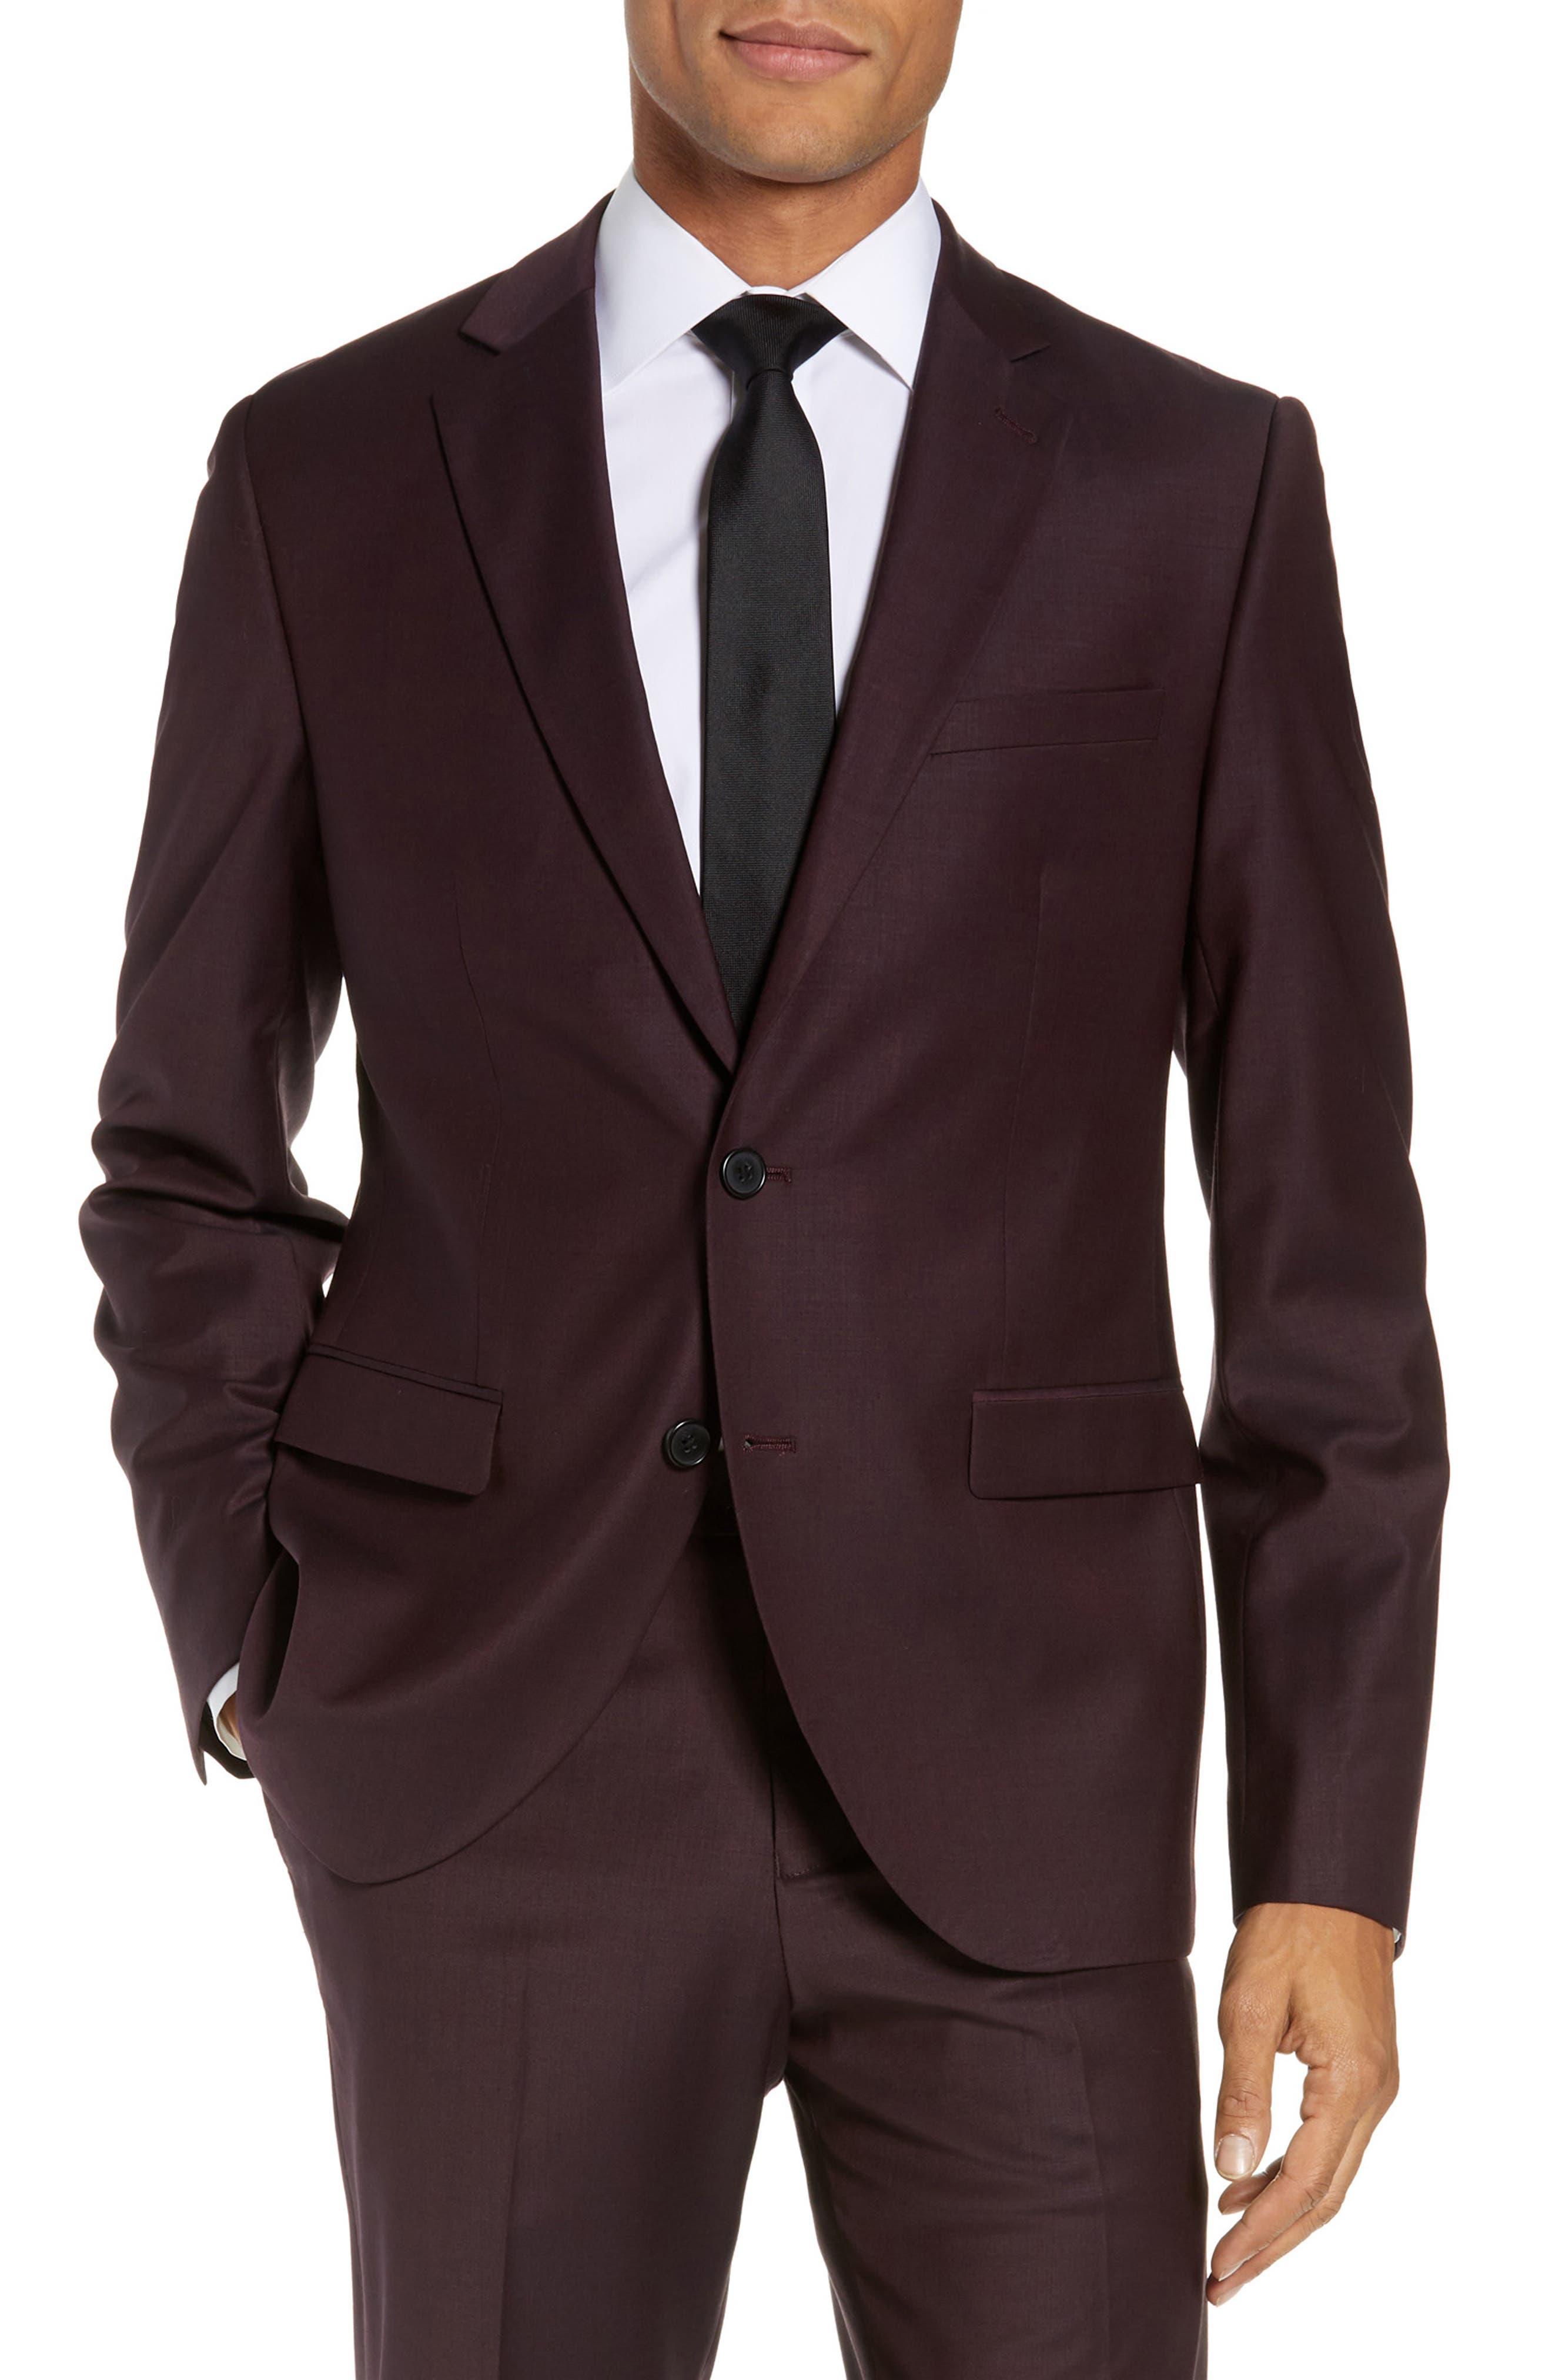 Extra Trim Fit Suit Jacket,                             Main thumbnail 1, color,                             BURGUNDY